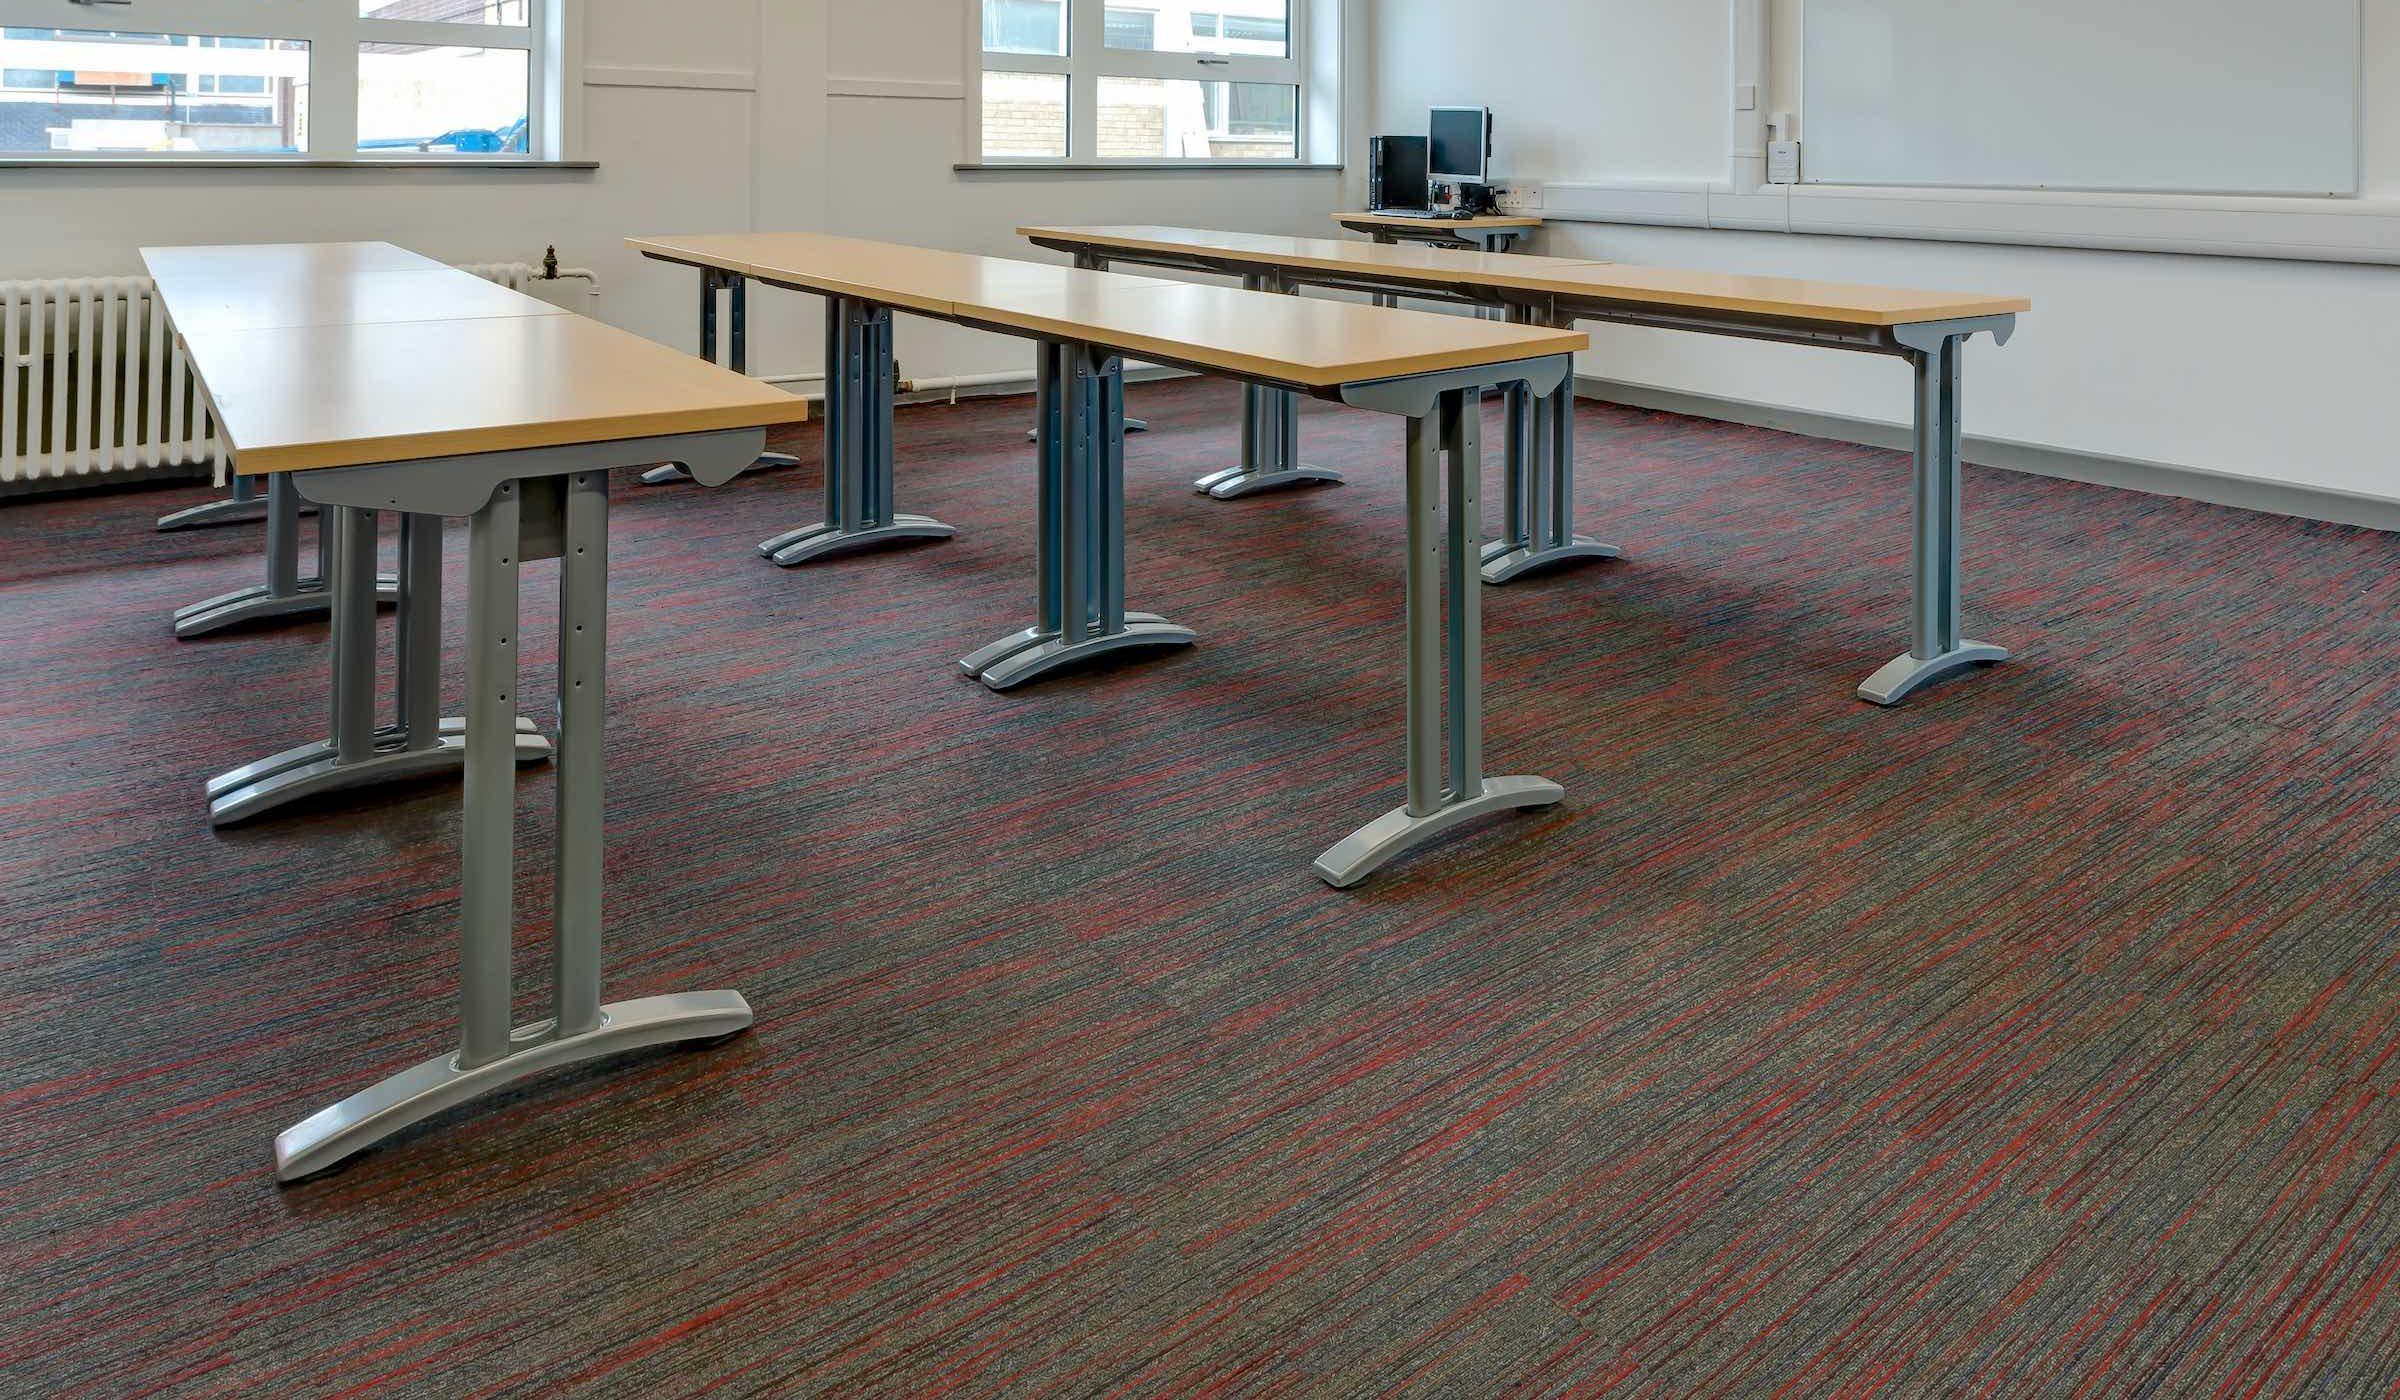 Strobe | Paragon Carpet Tiles | Commercial Carpet Tiles | Design Carpet Tiles 12